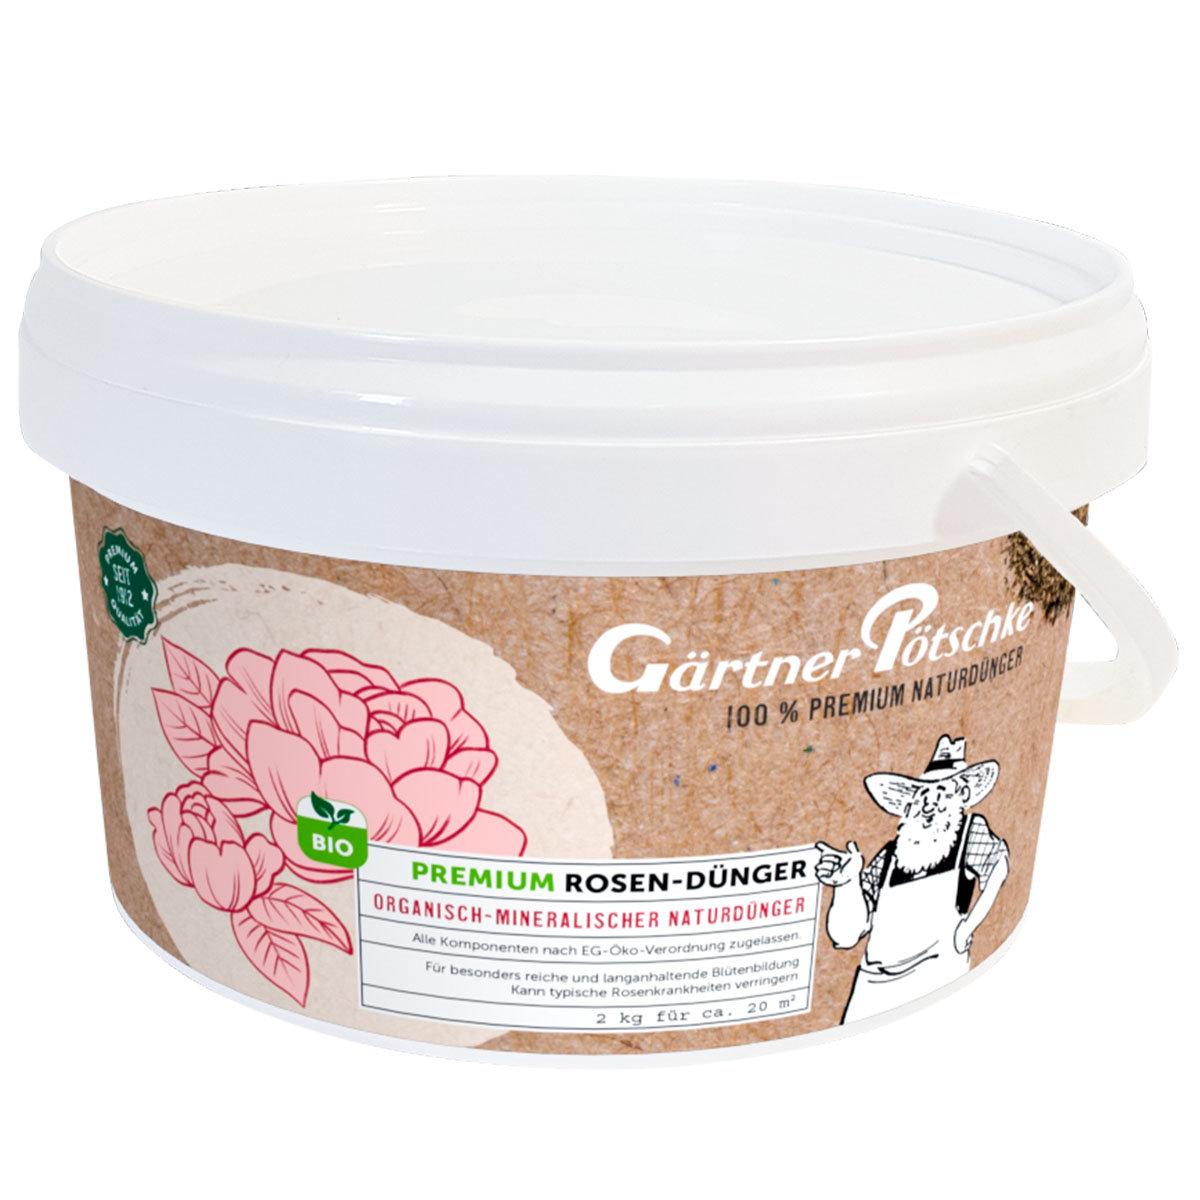 Premium Rosen-Dünger, 2 kg